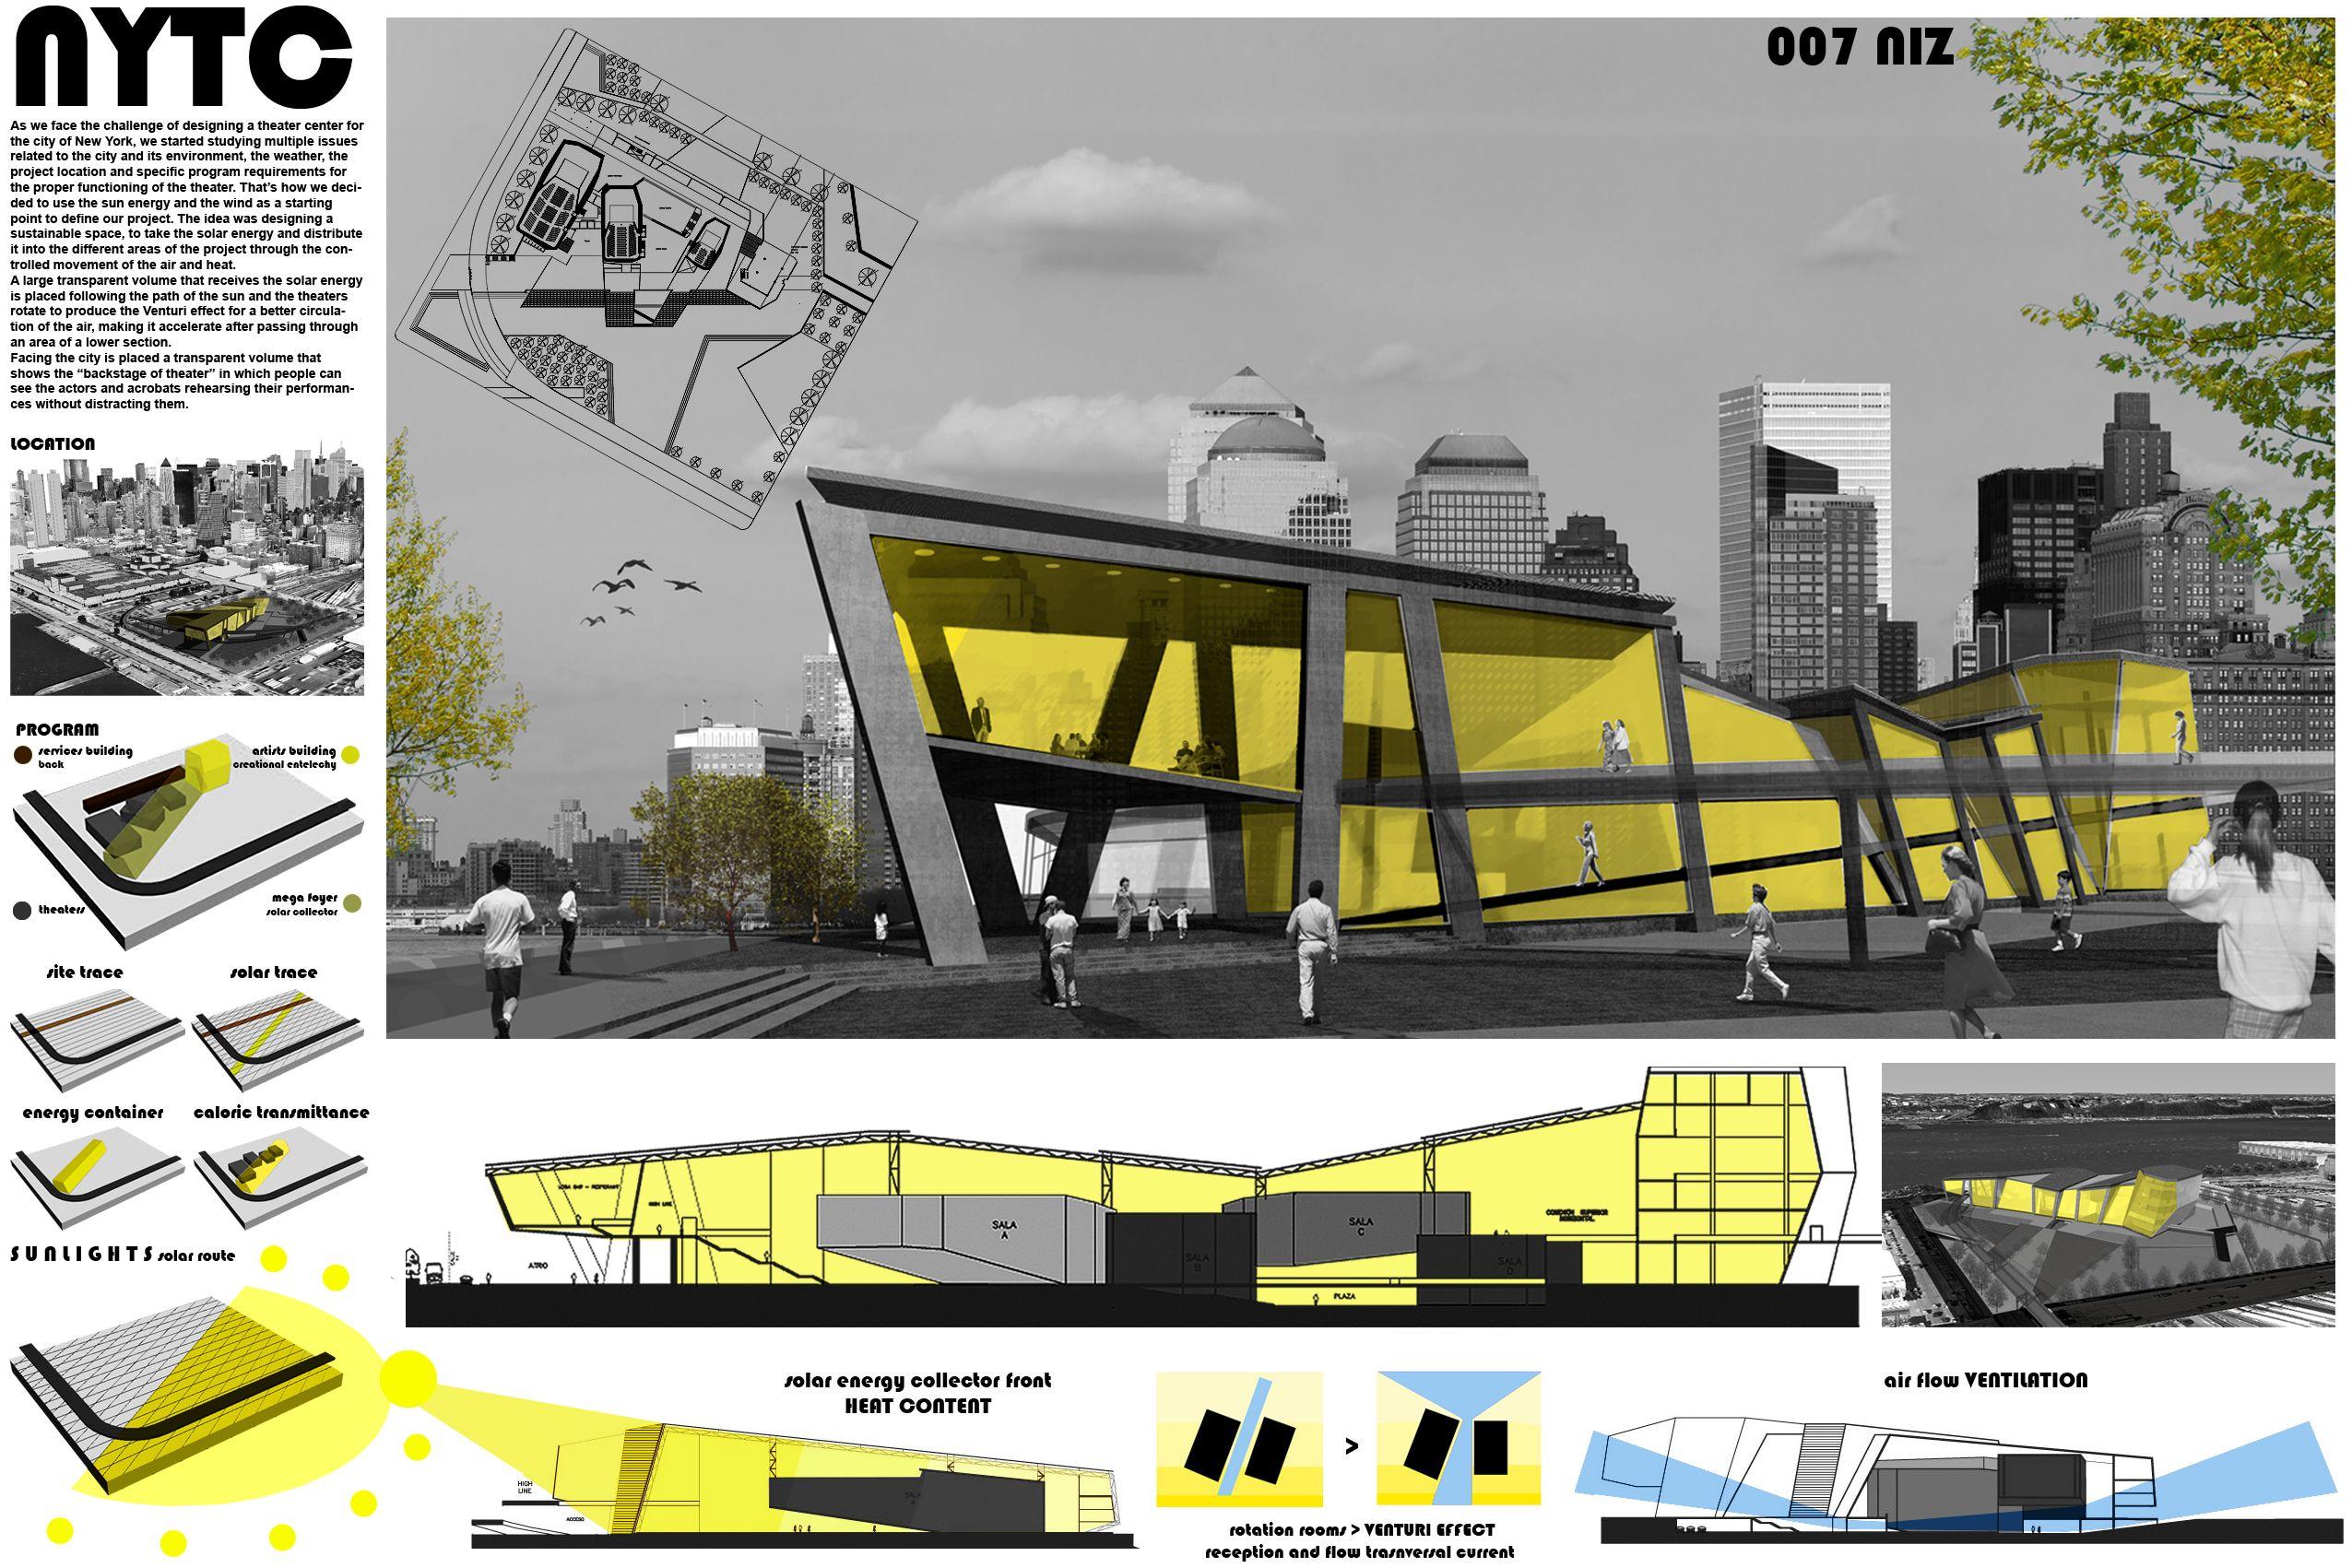 Prancha concurso nas cores escala tonal pesquisa google for Laminas arquitectura